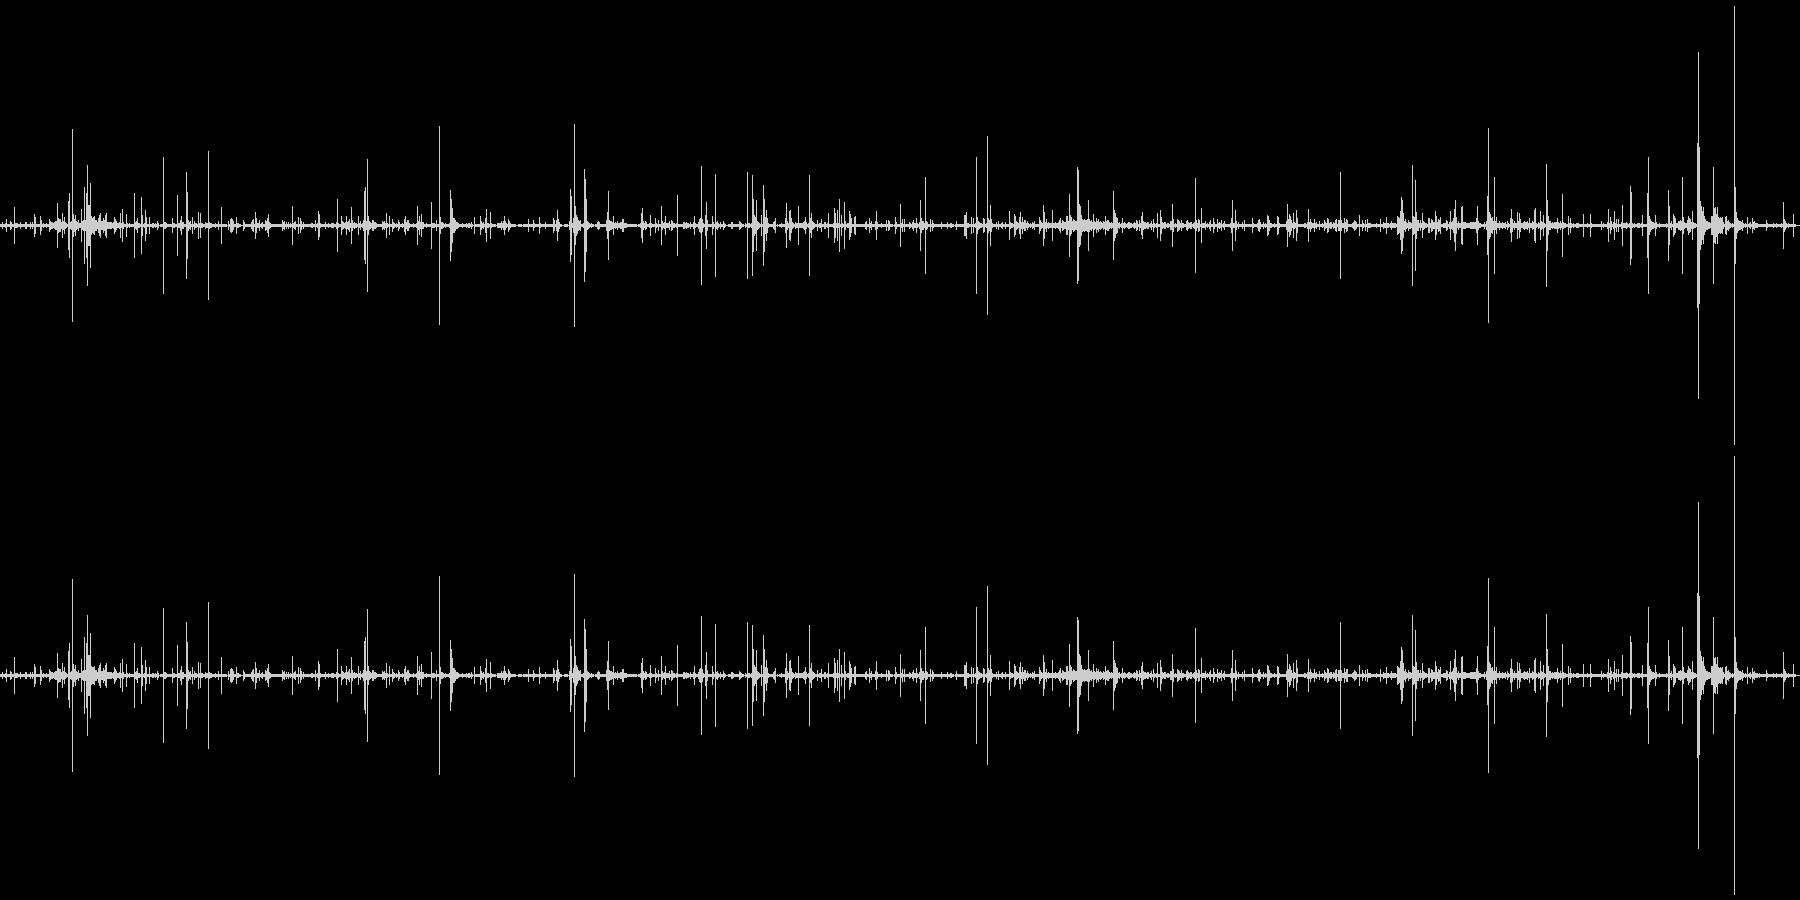 ループ・ネバネバしたものがうごめく音1の未再生の波形